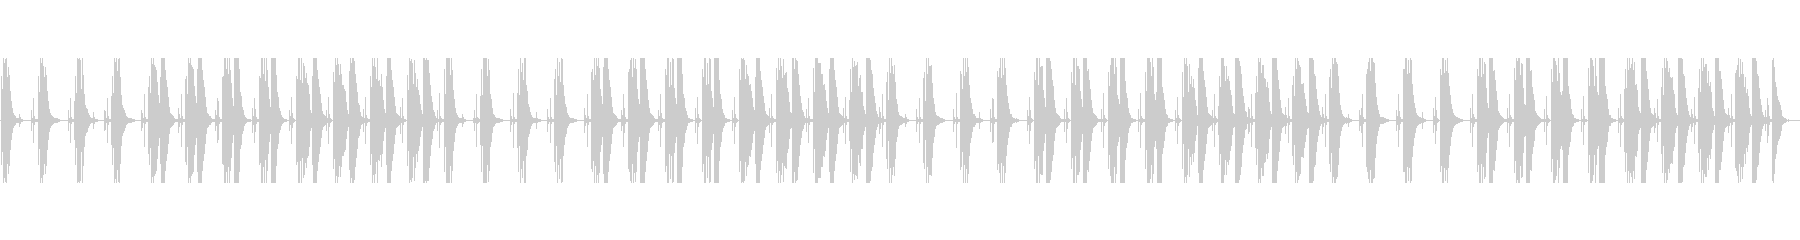 淡々とした説明や日常系に合うマリンバの未再生の波形